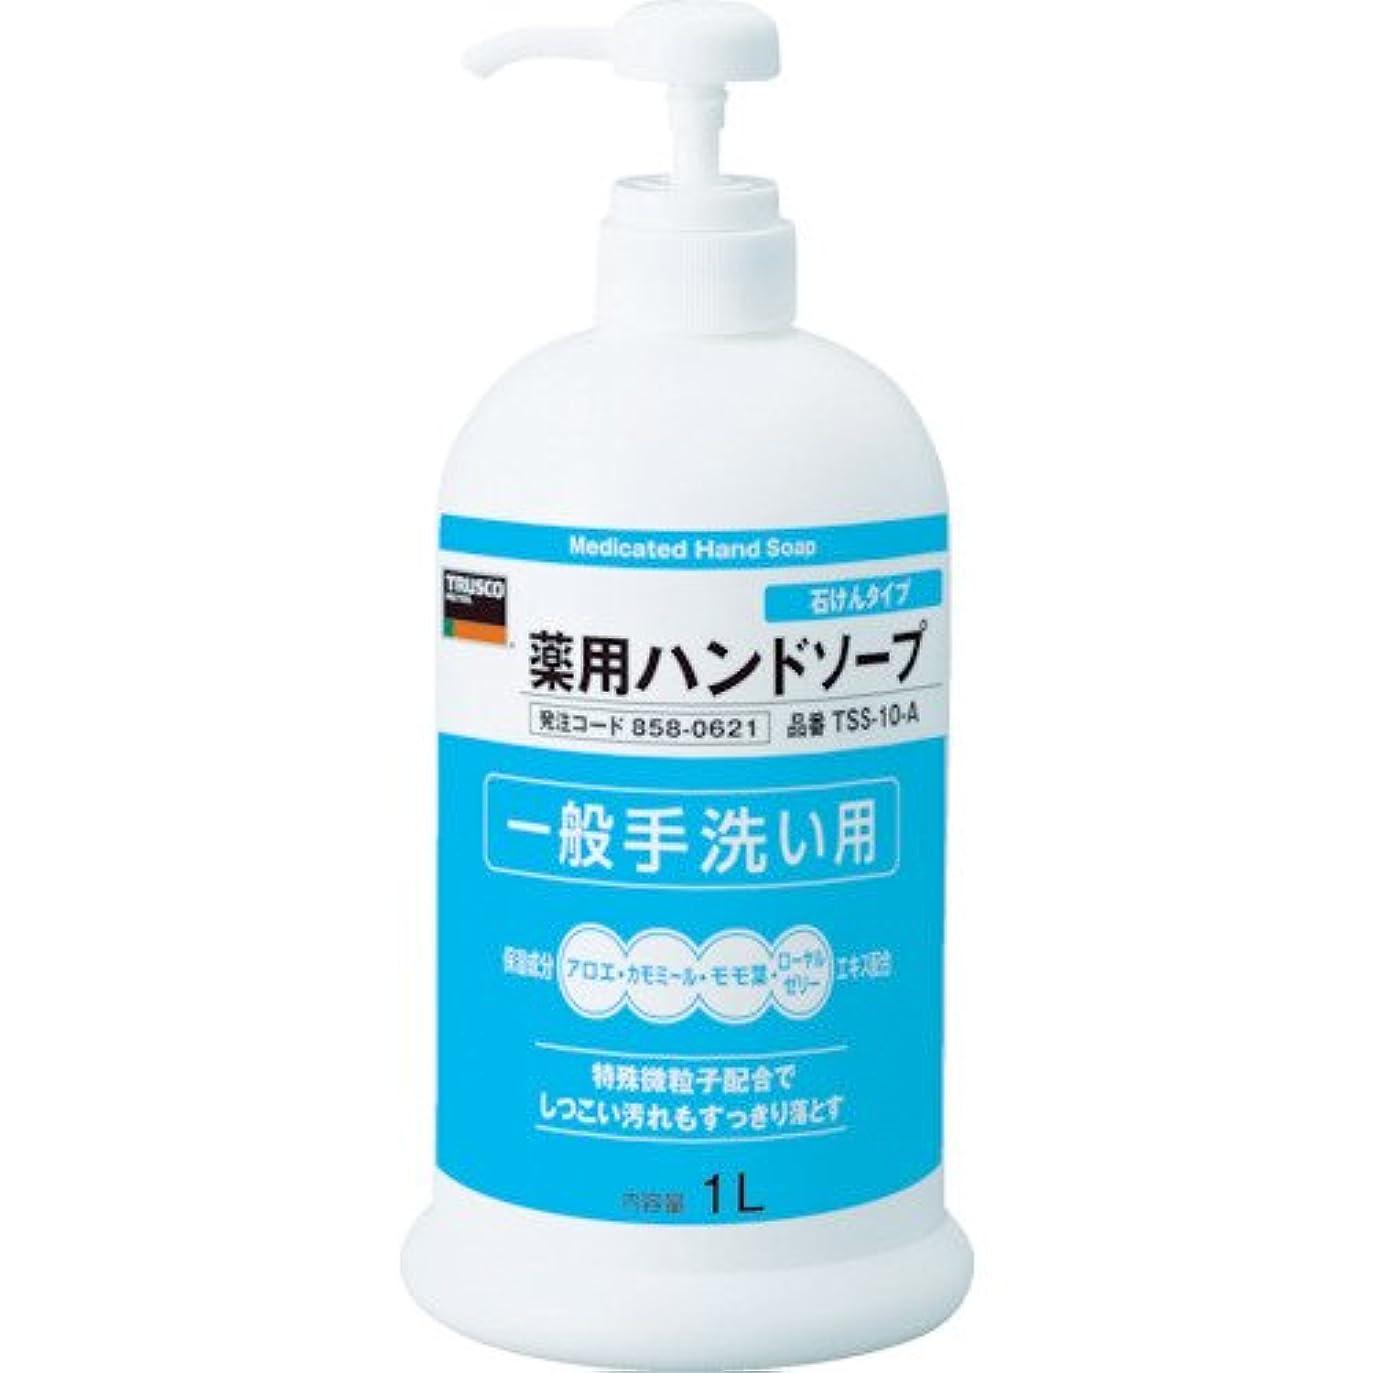 証書曲線保険トラスコ中山 株 TRUSCO 薬用ハンドソープ 石けんタイプ ポンプボトル 1.0L TSS-10-A